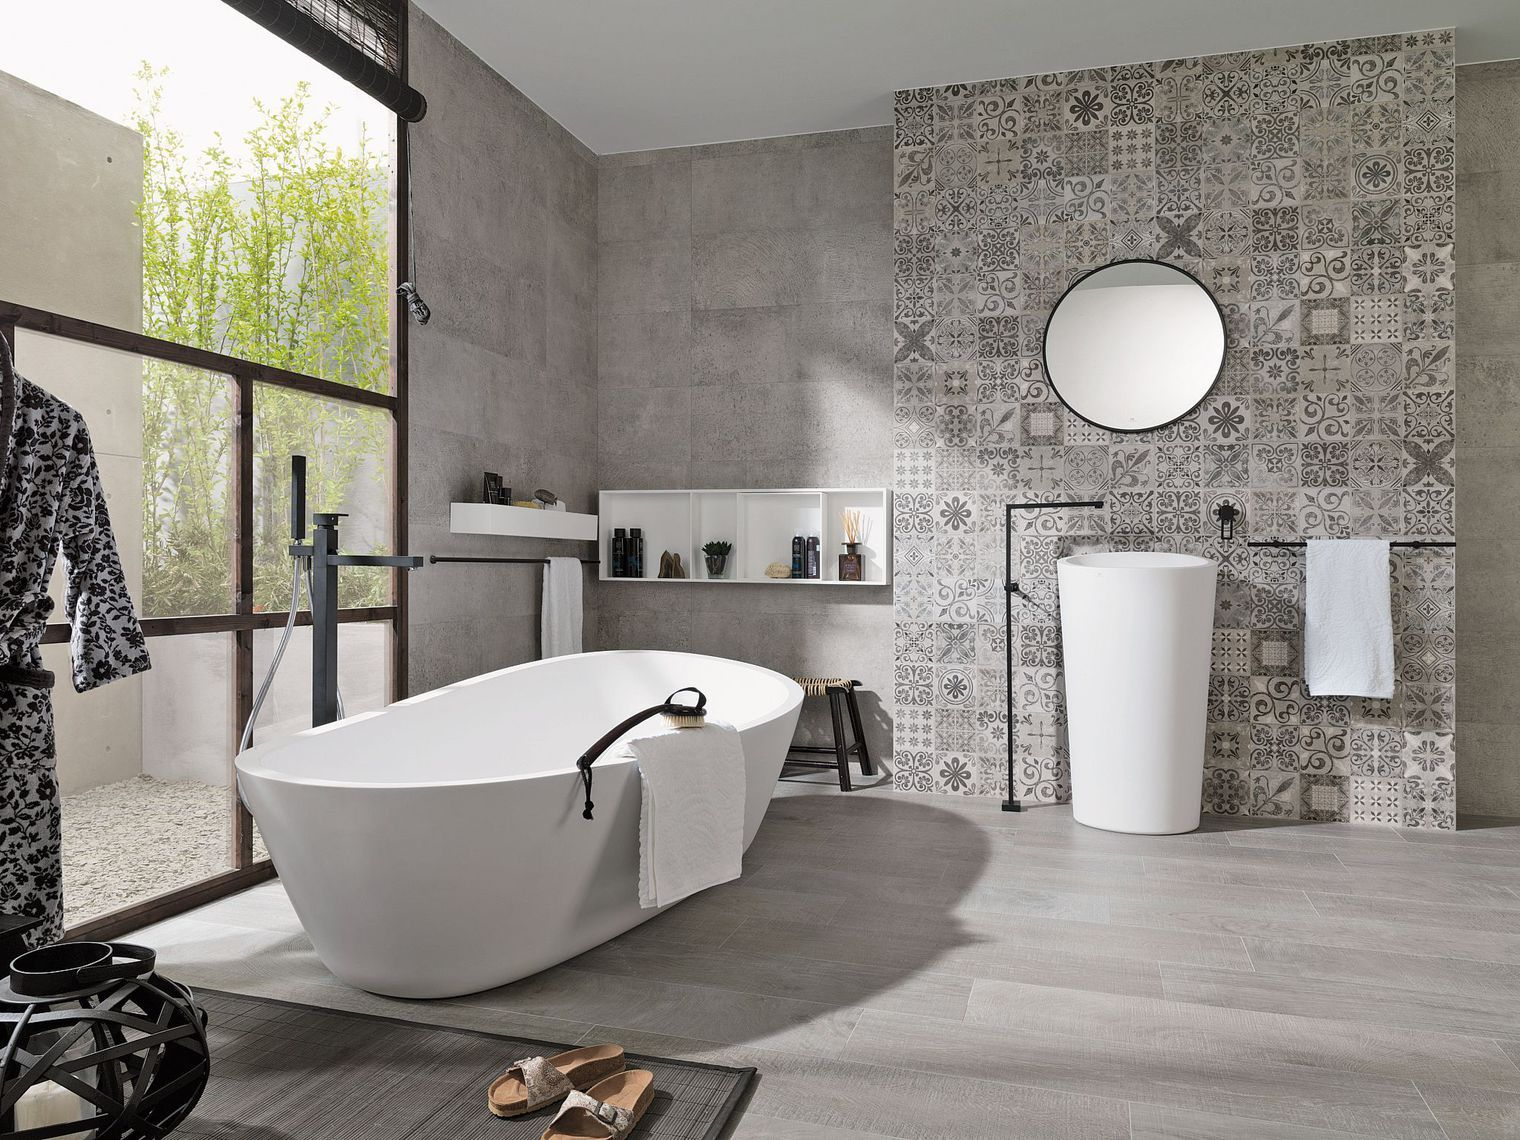 Salle bain avec carrelage noir tag vvcom hexagonal motif for Carrelage salle de bain motif